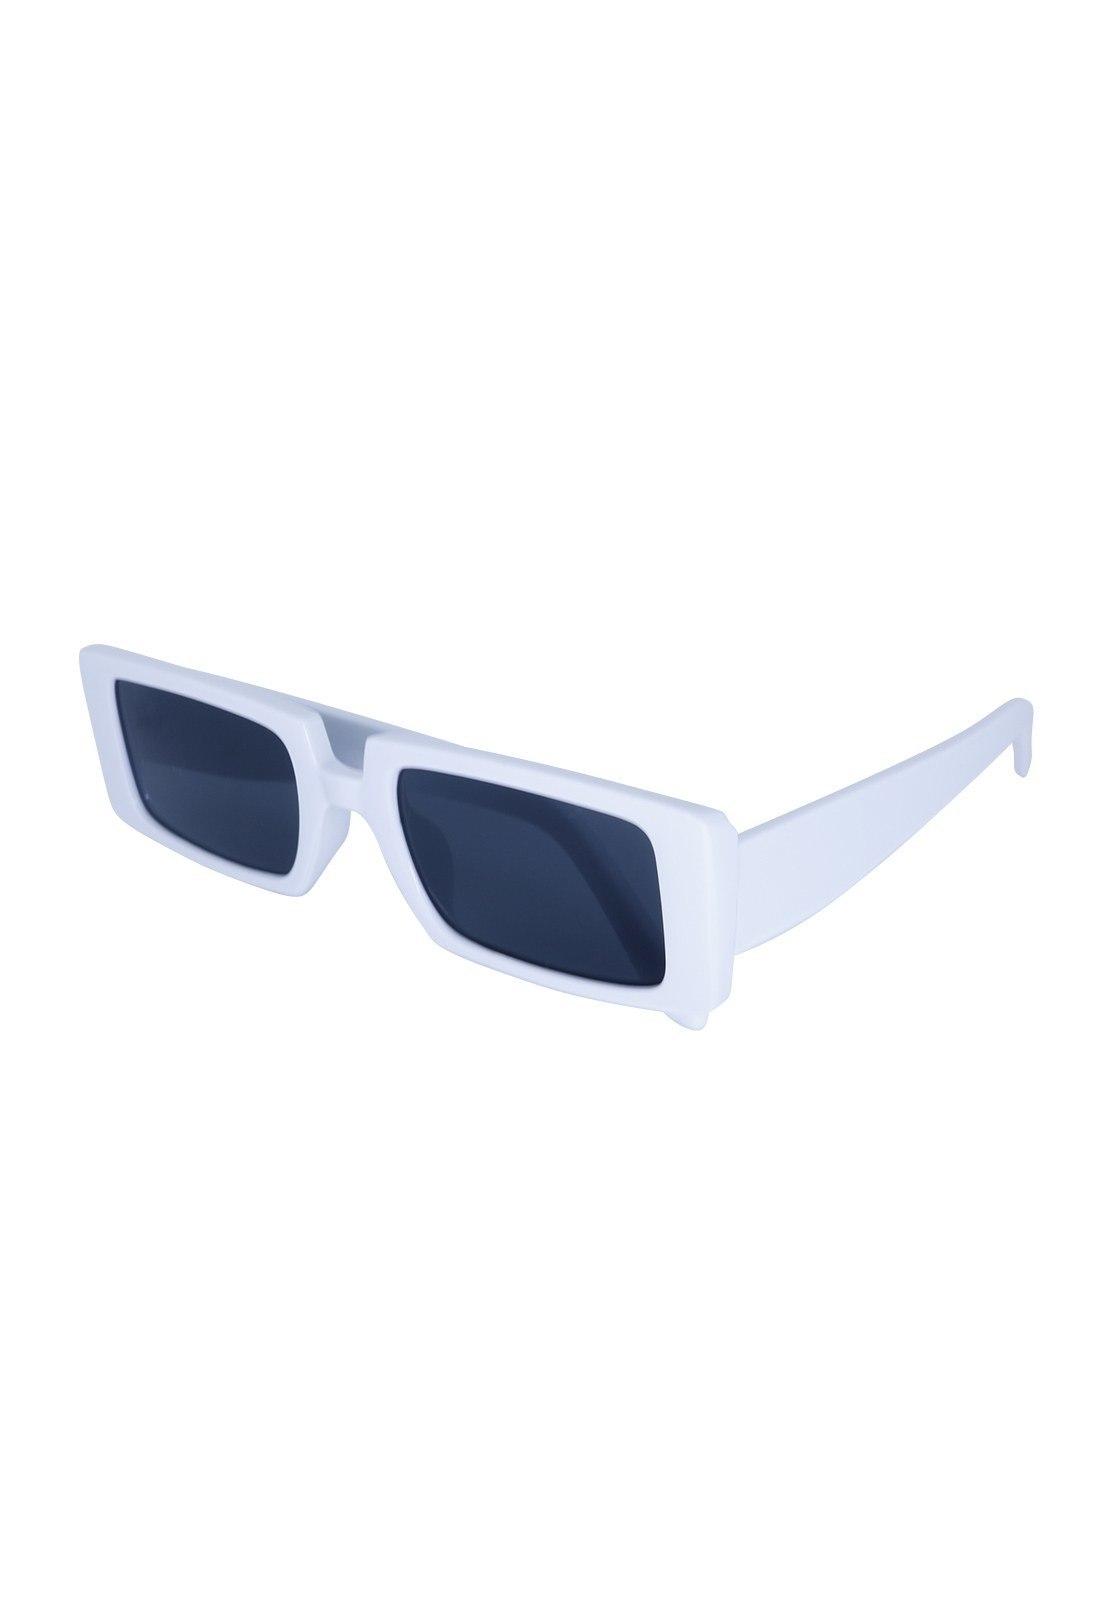 Óculos de Sol Grungetteria Grinch Branco